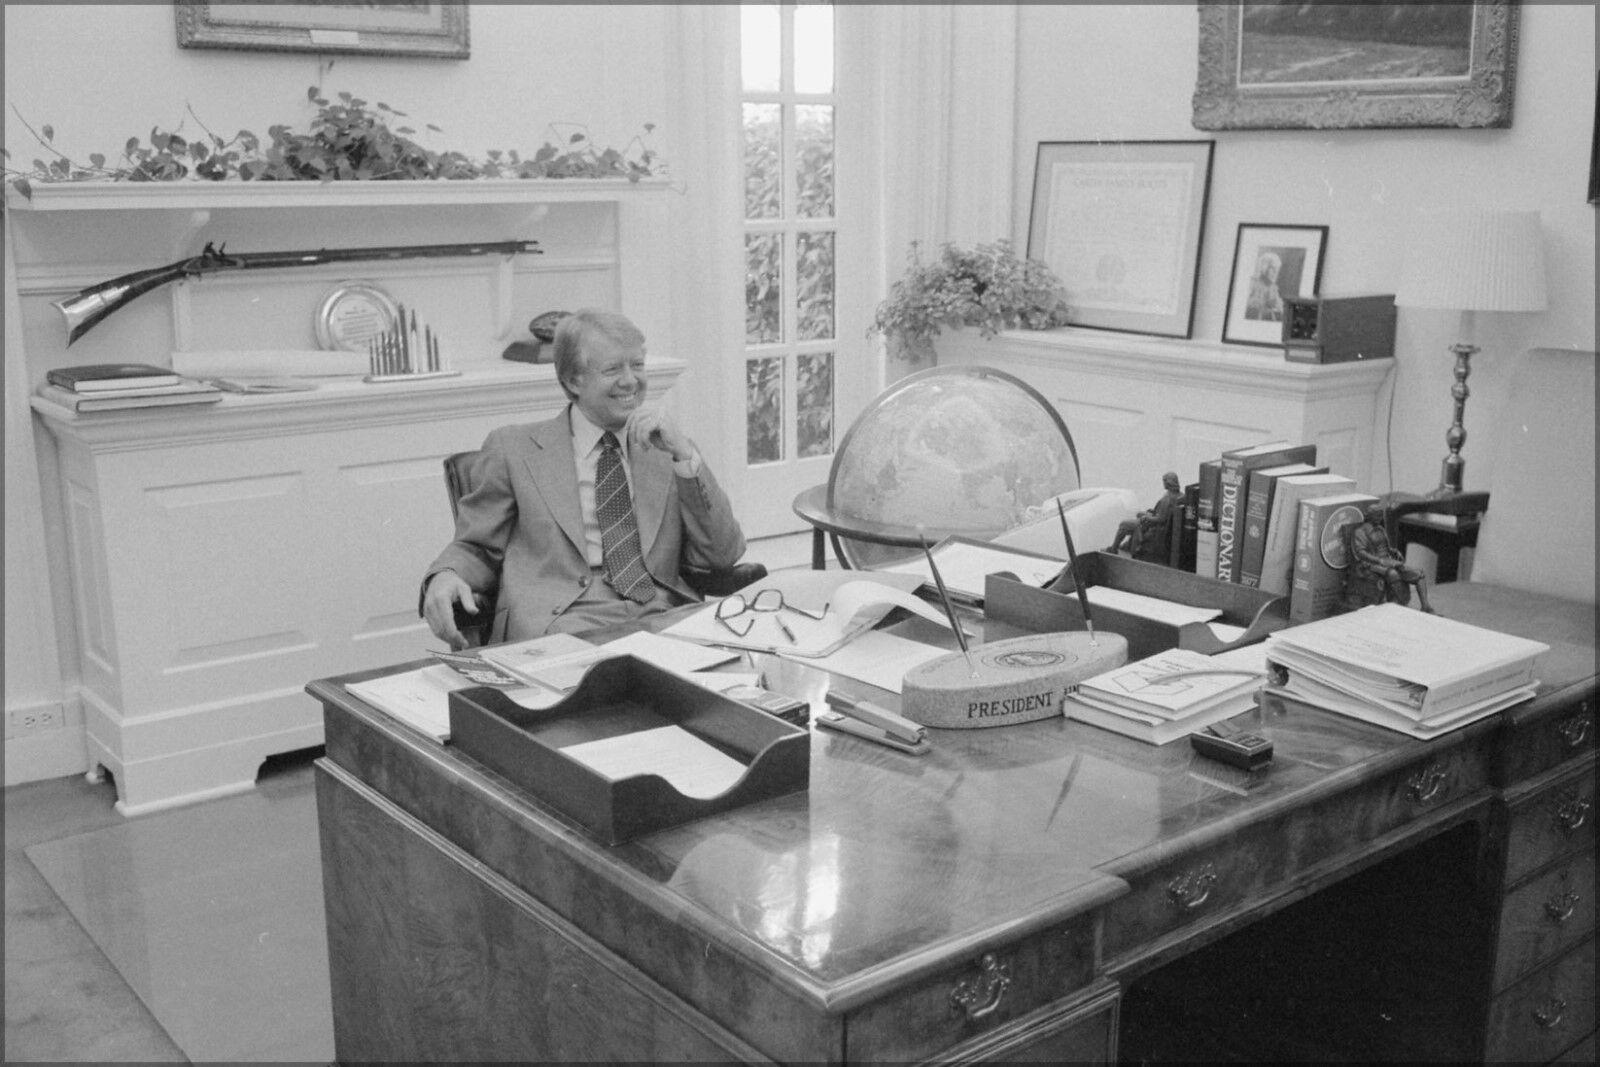 Plakat, Viele Größen; Jimmy Carter bei His Schreibtisch in Private Untersuchung